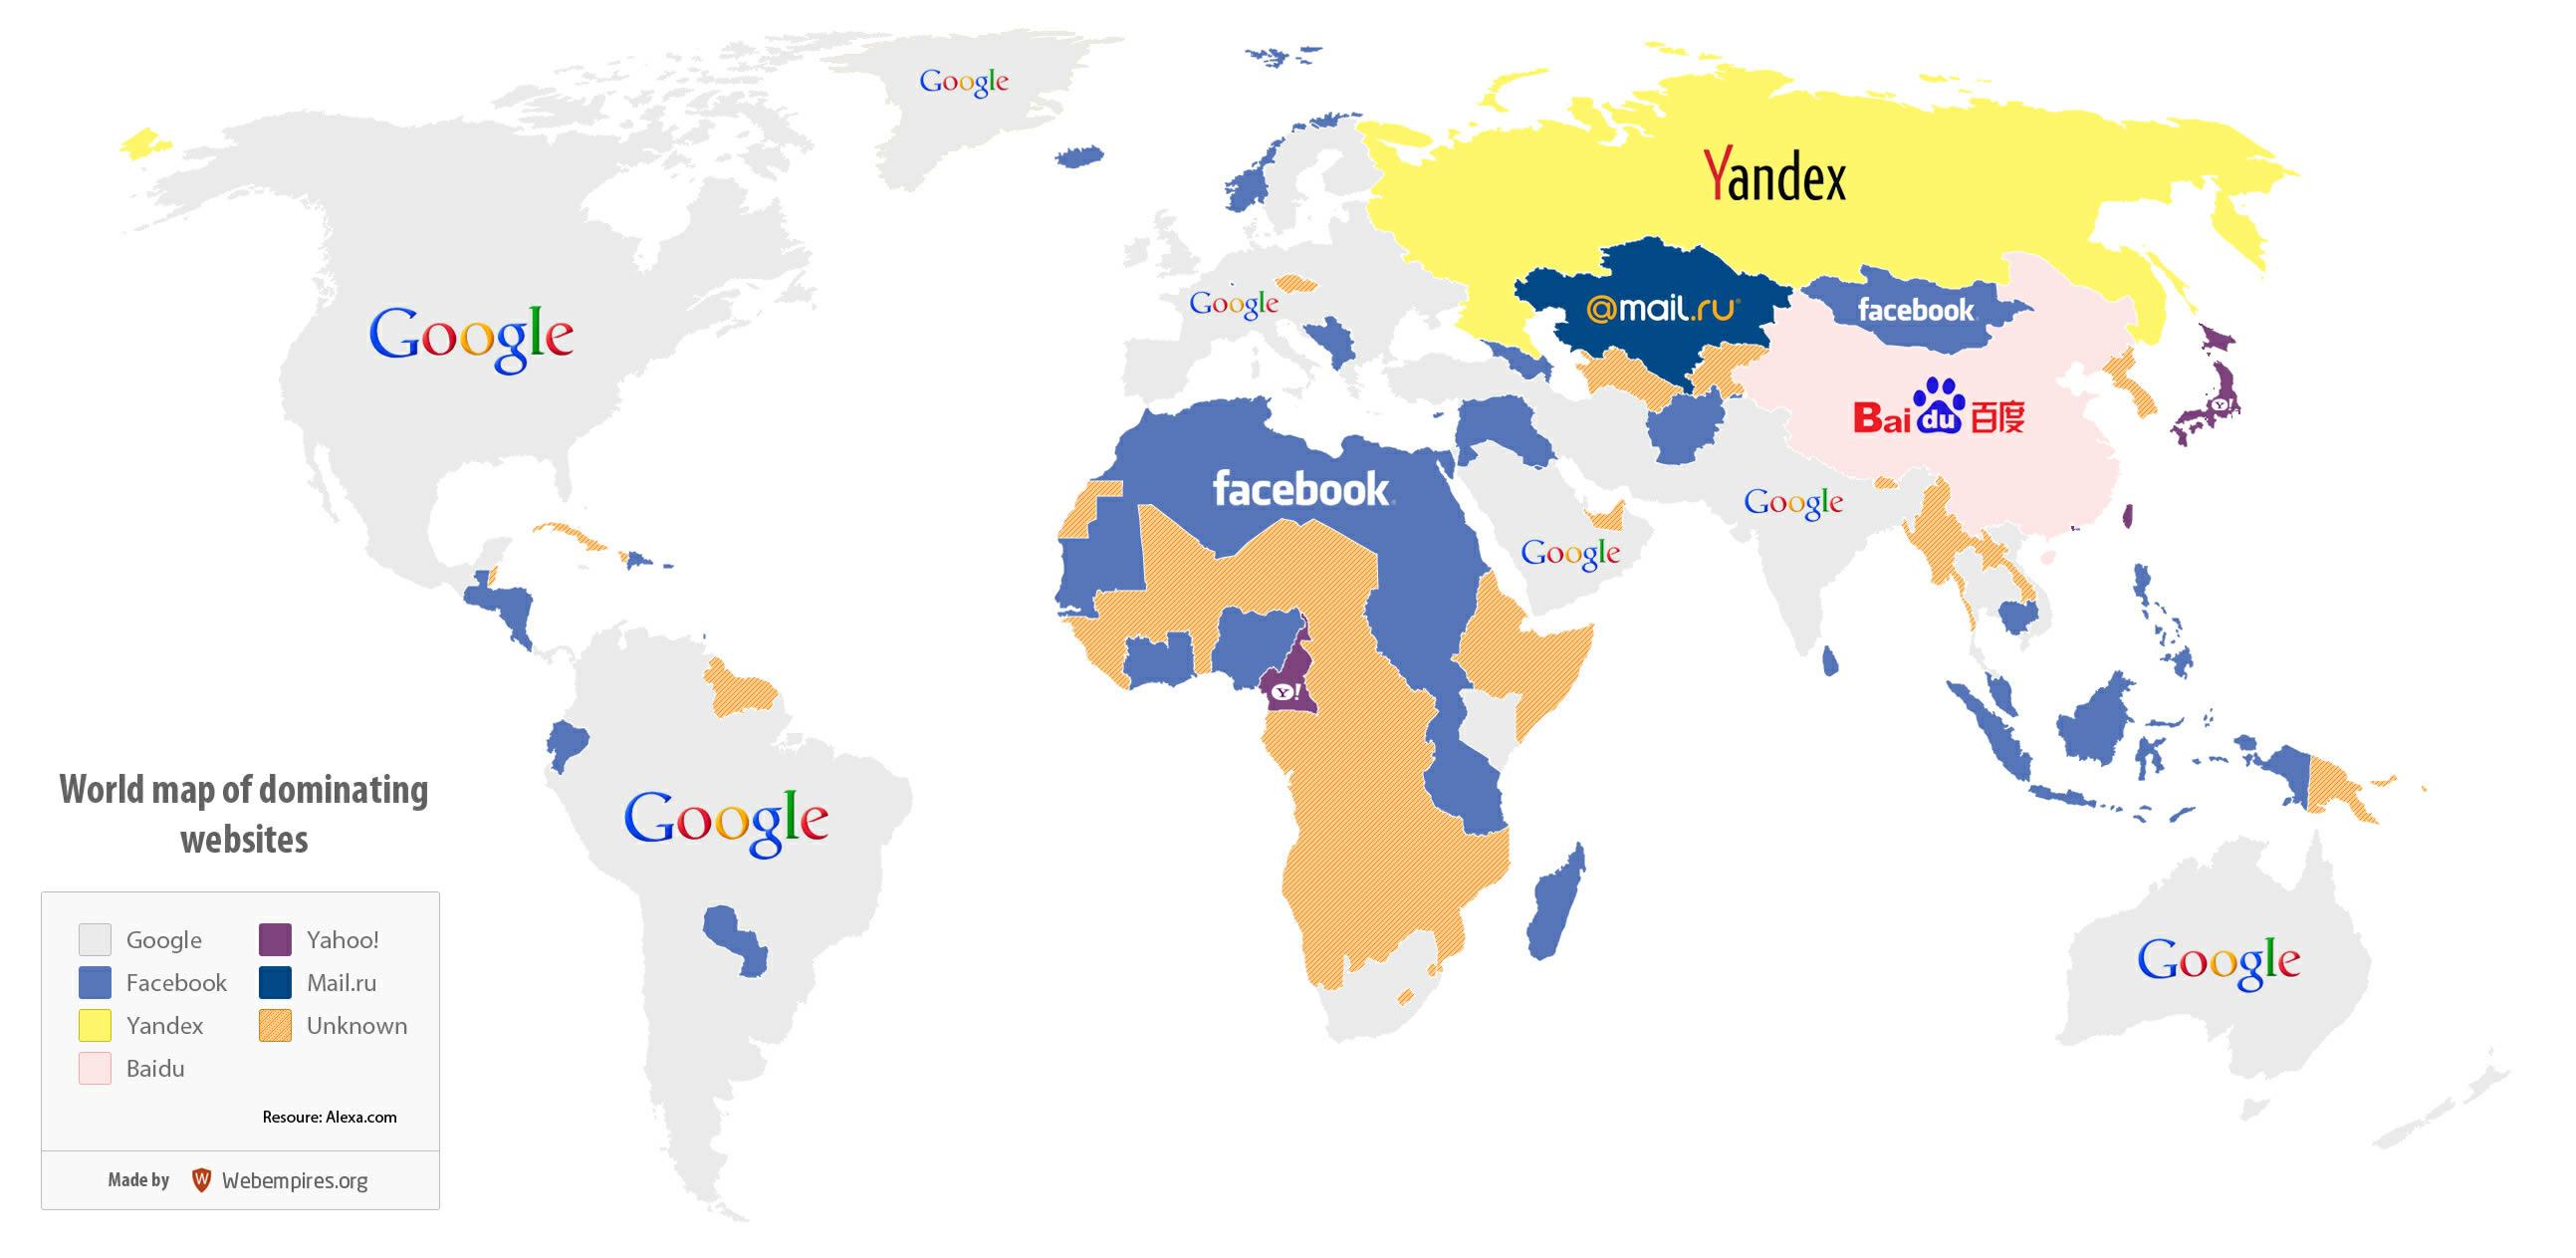 Les sites de rencontre les plus visités en france